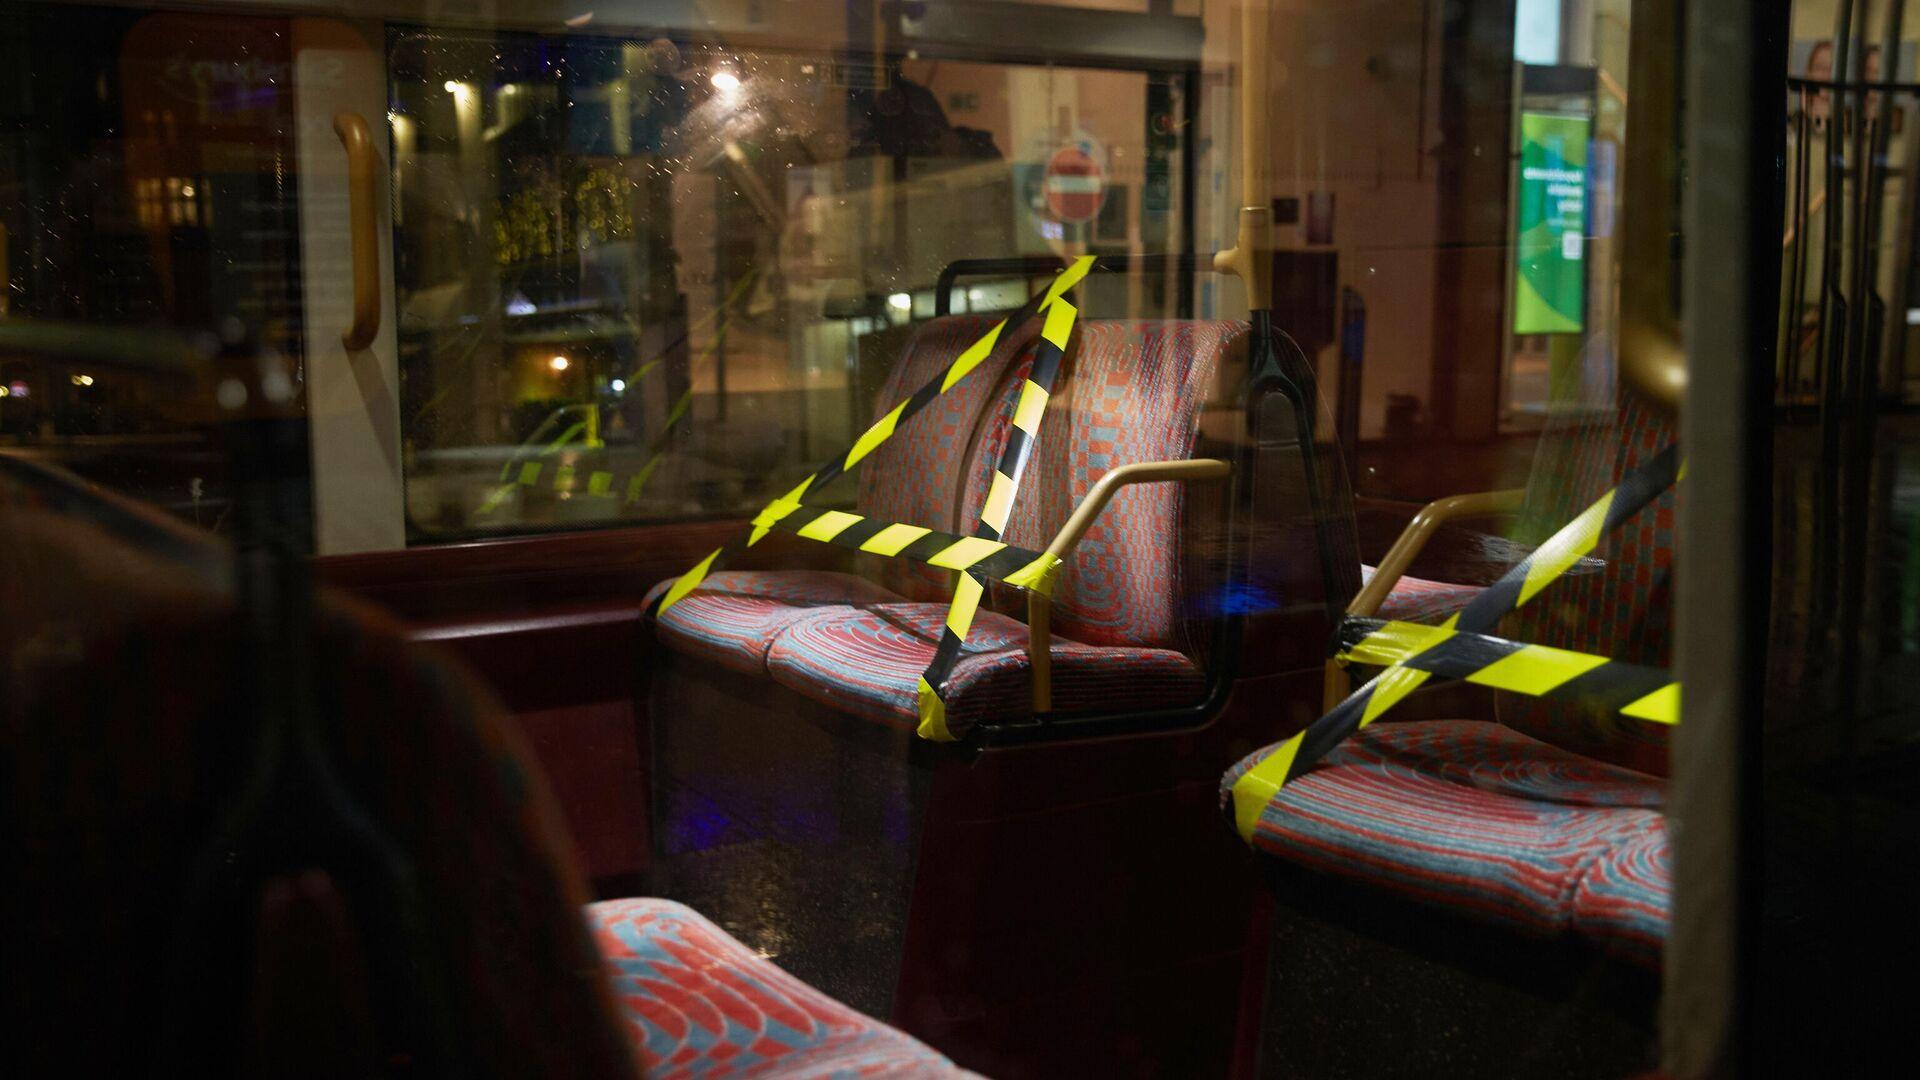 Обмотанные лентой кресла в лондонском автобусе - РИА Новости, 1920, 14.01.2021